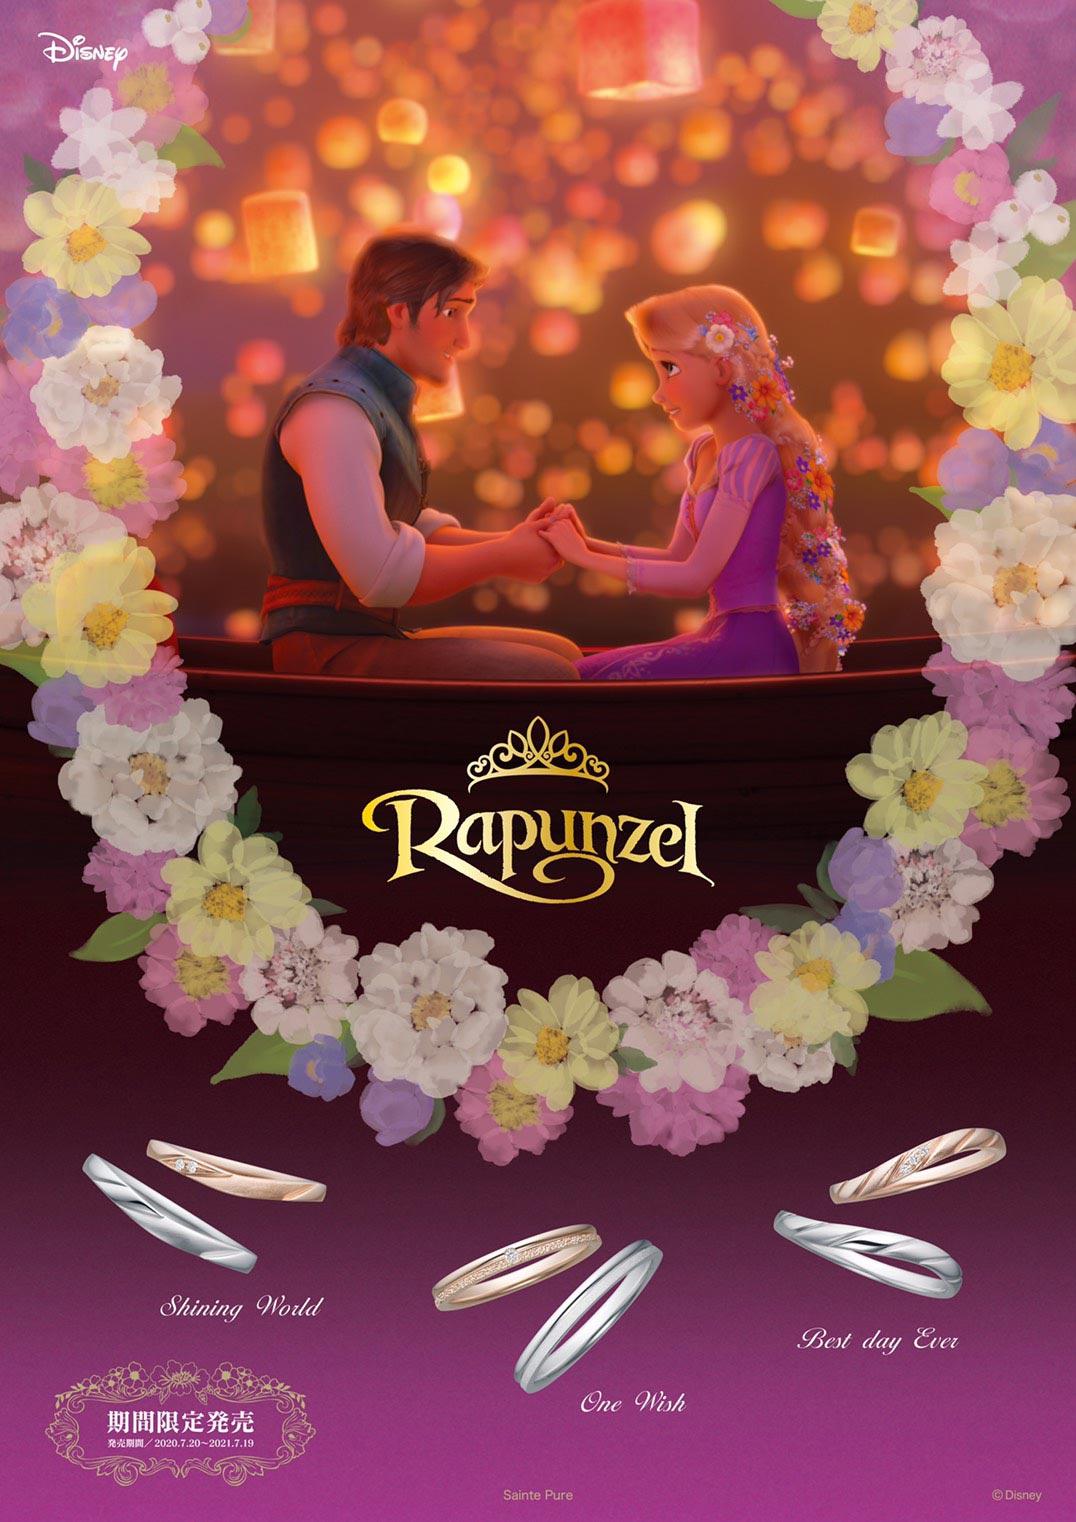 ディズニーラプンツェル Rapunzel